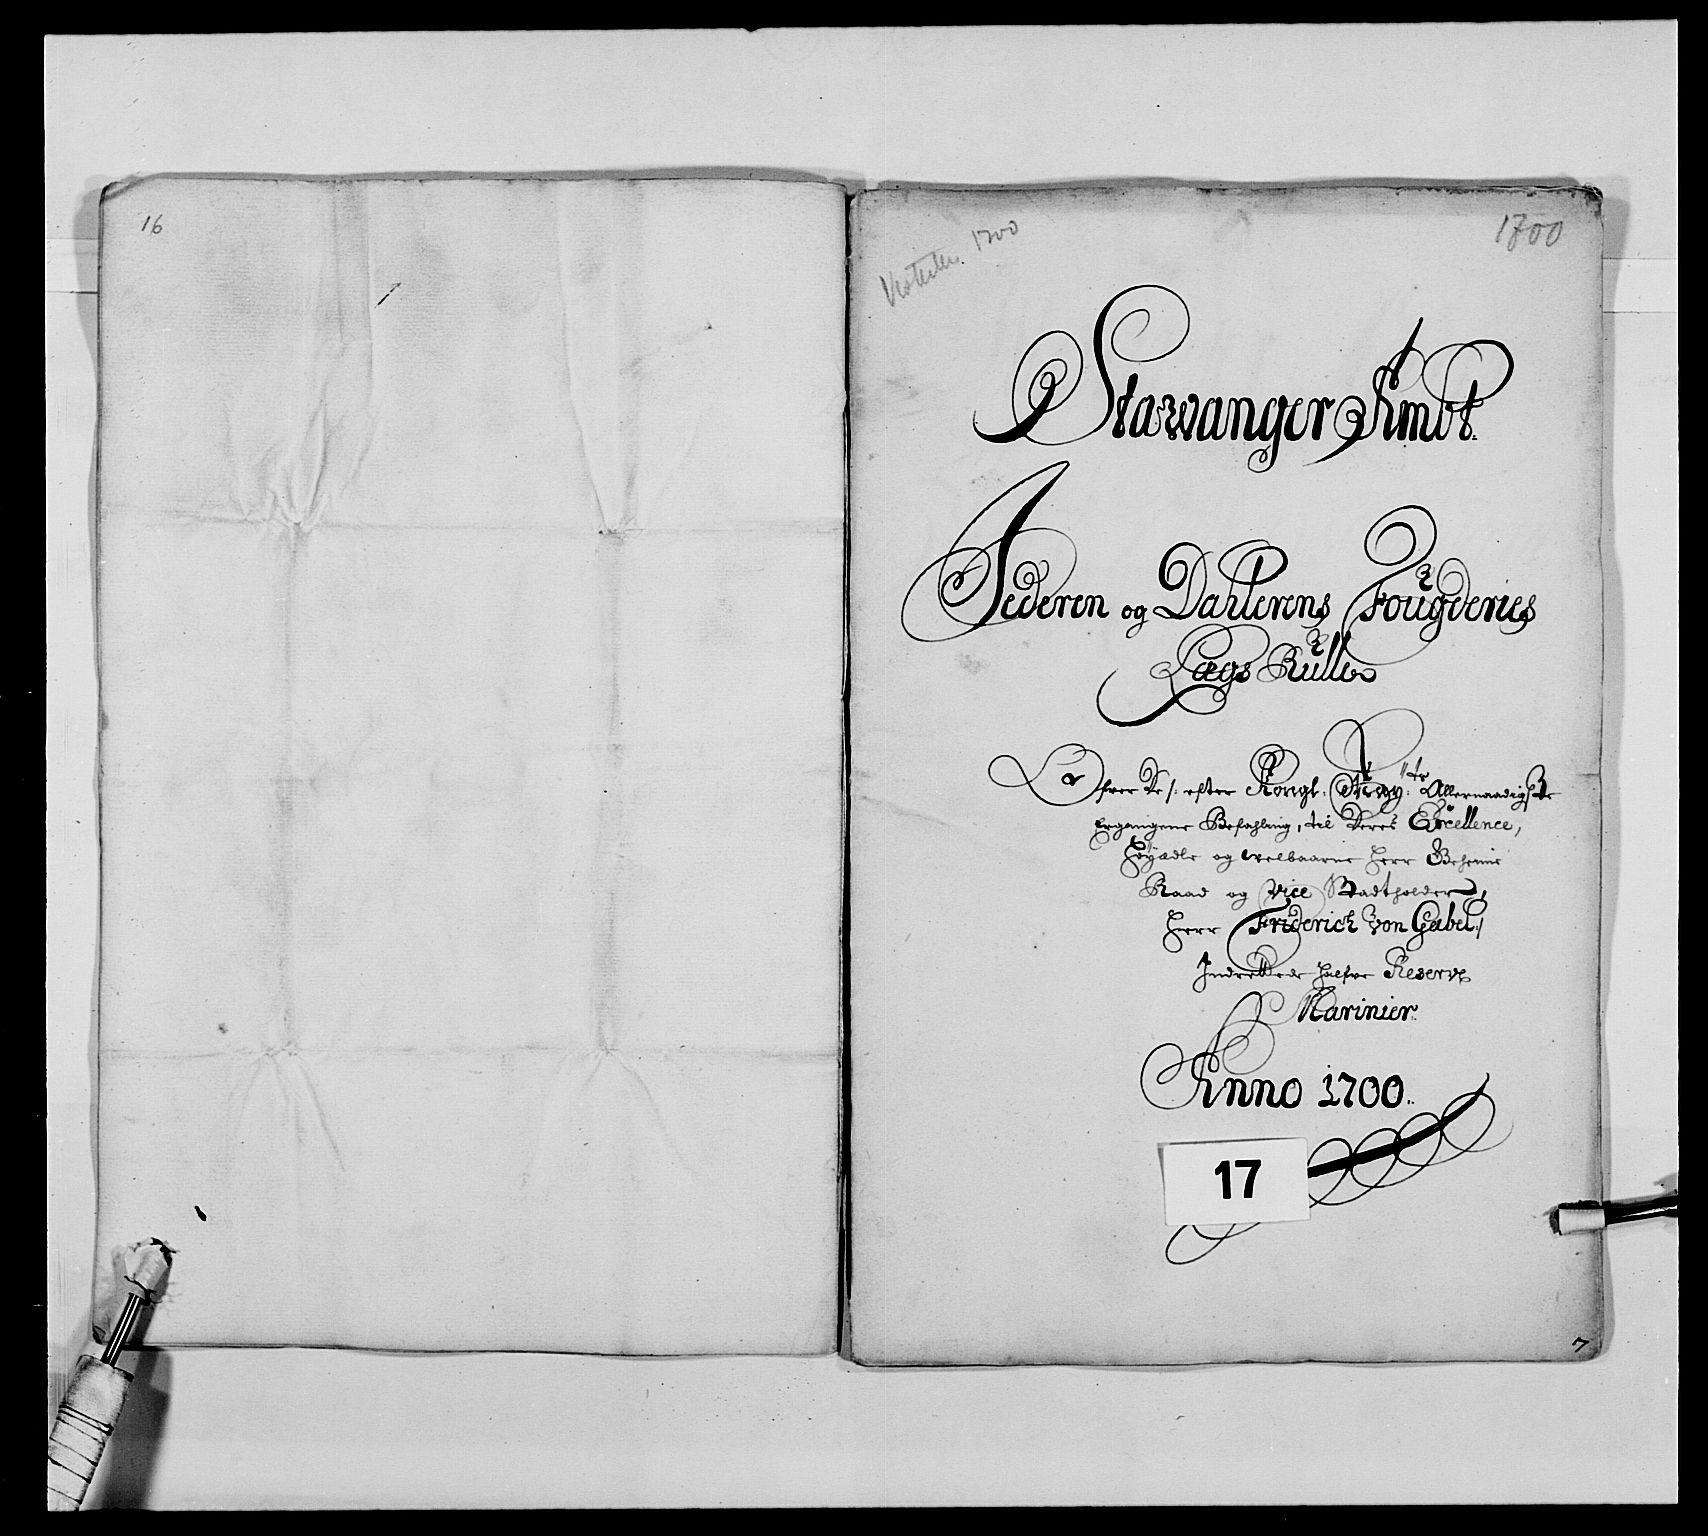 RA, Kommanderende general (KG I) med Det norske krigsdirektorium, E/Ea/L0473: Marineregimentet, 1664-1700, s. 225